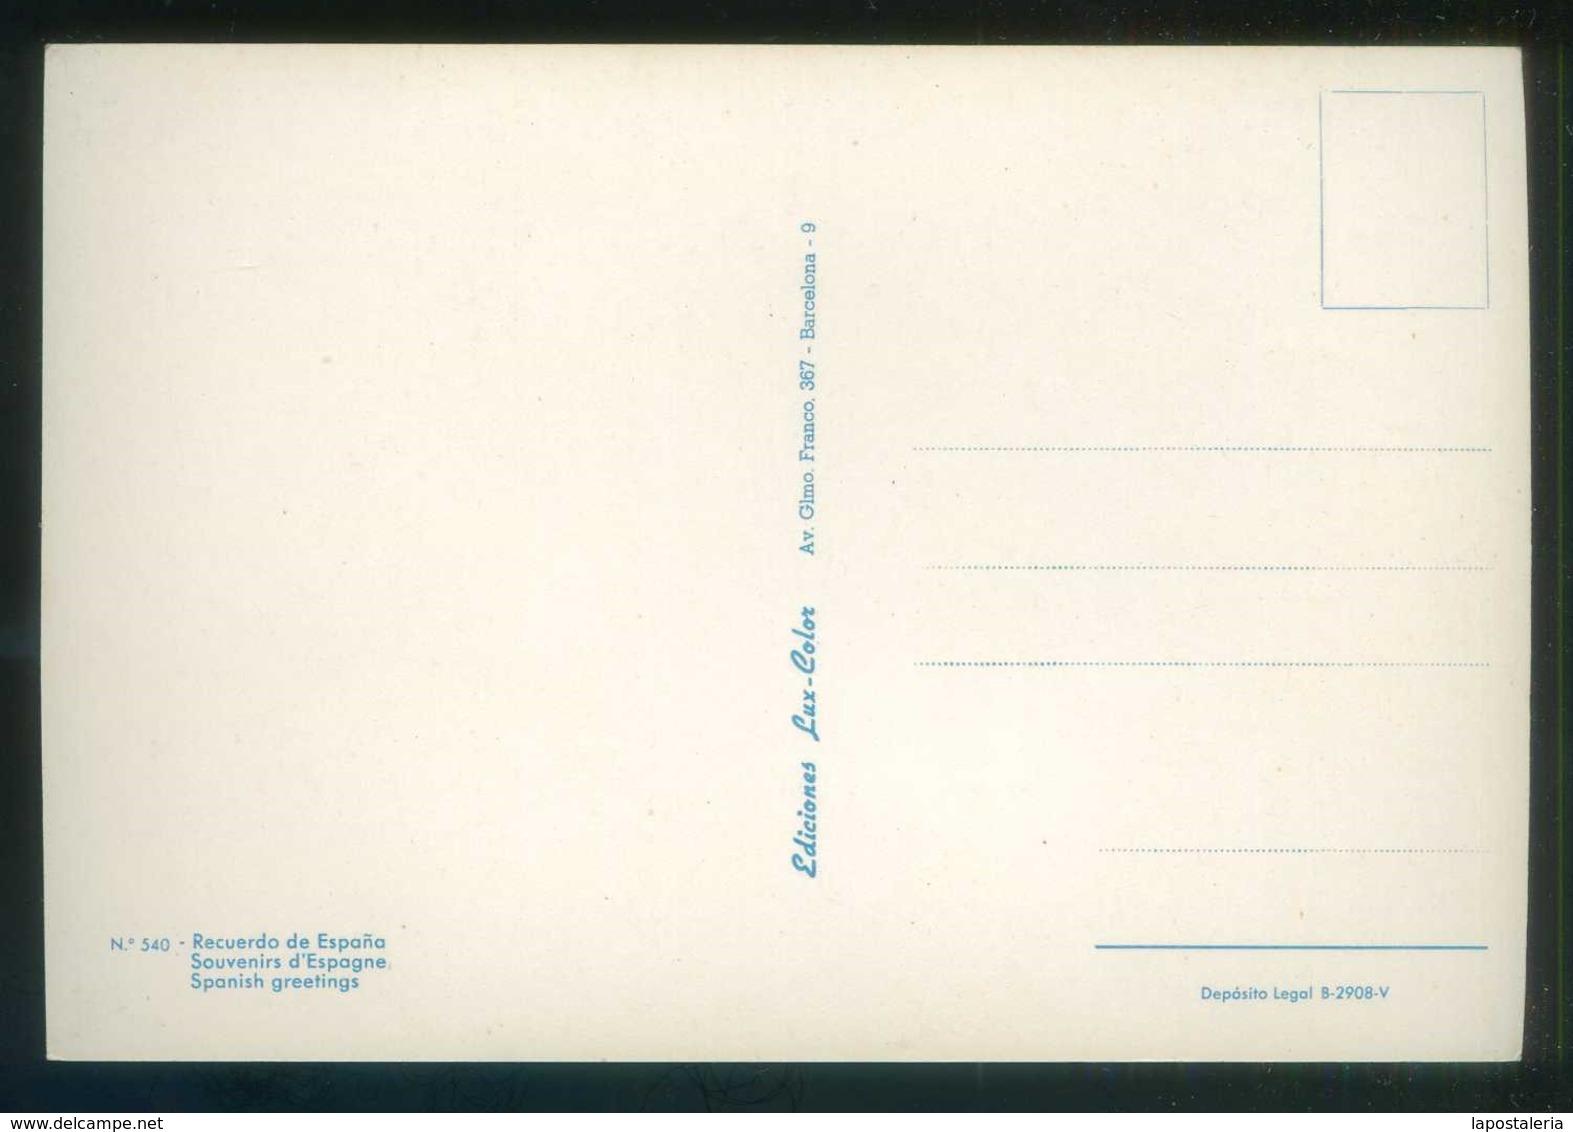 *Recuerdo De España* Ed. Lux-Color Nº 540. Dep. Legal B. 2908-V. Nueva. - Mercaderes